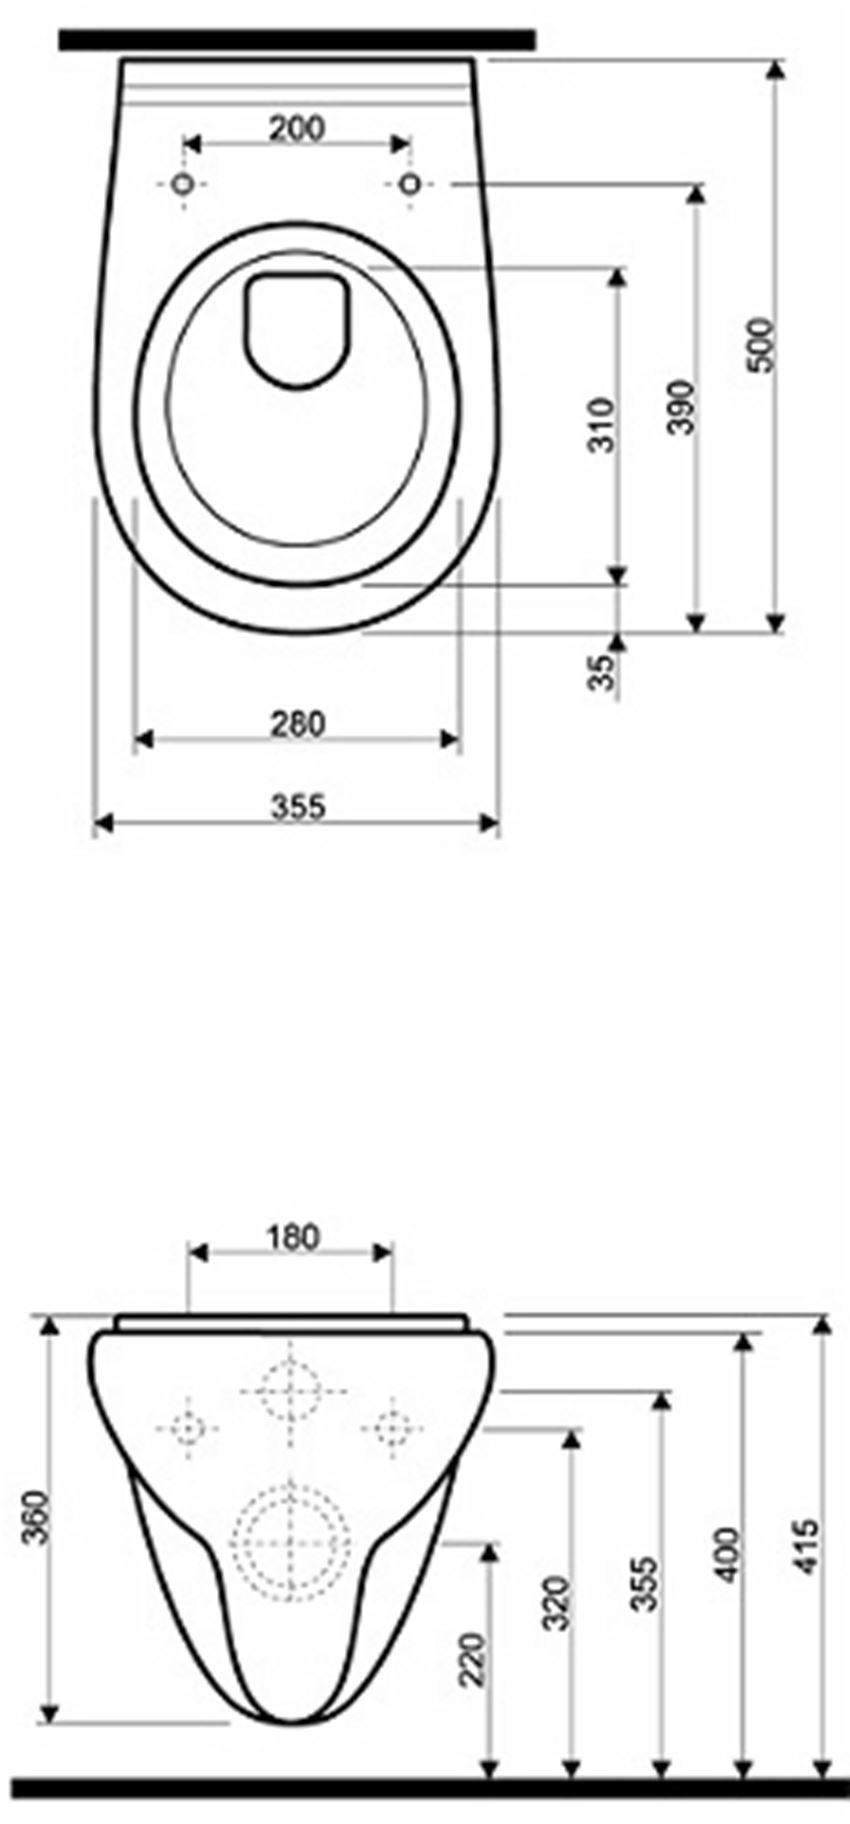 Miska ustępowa lejowa 50 cm Koło Nova Top Pico rysunek techniczny